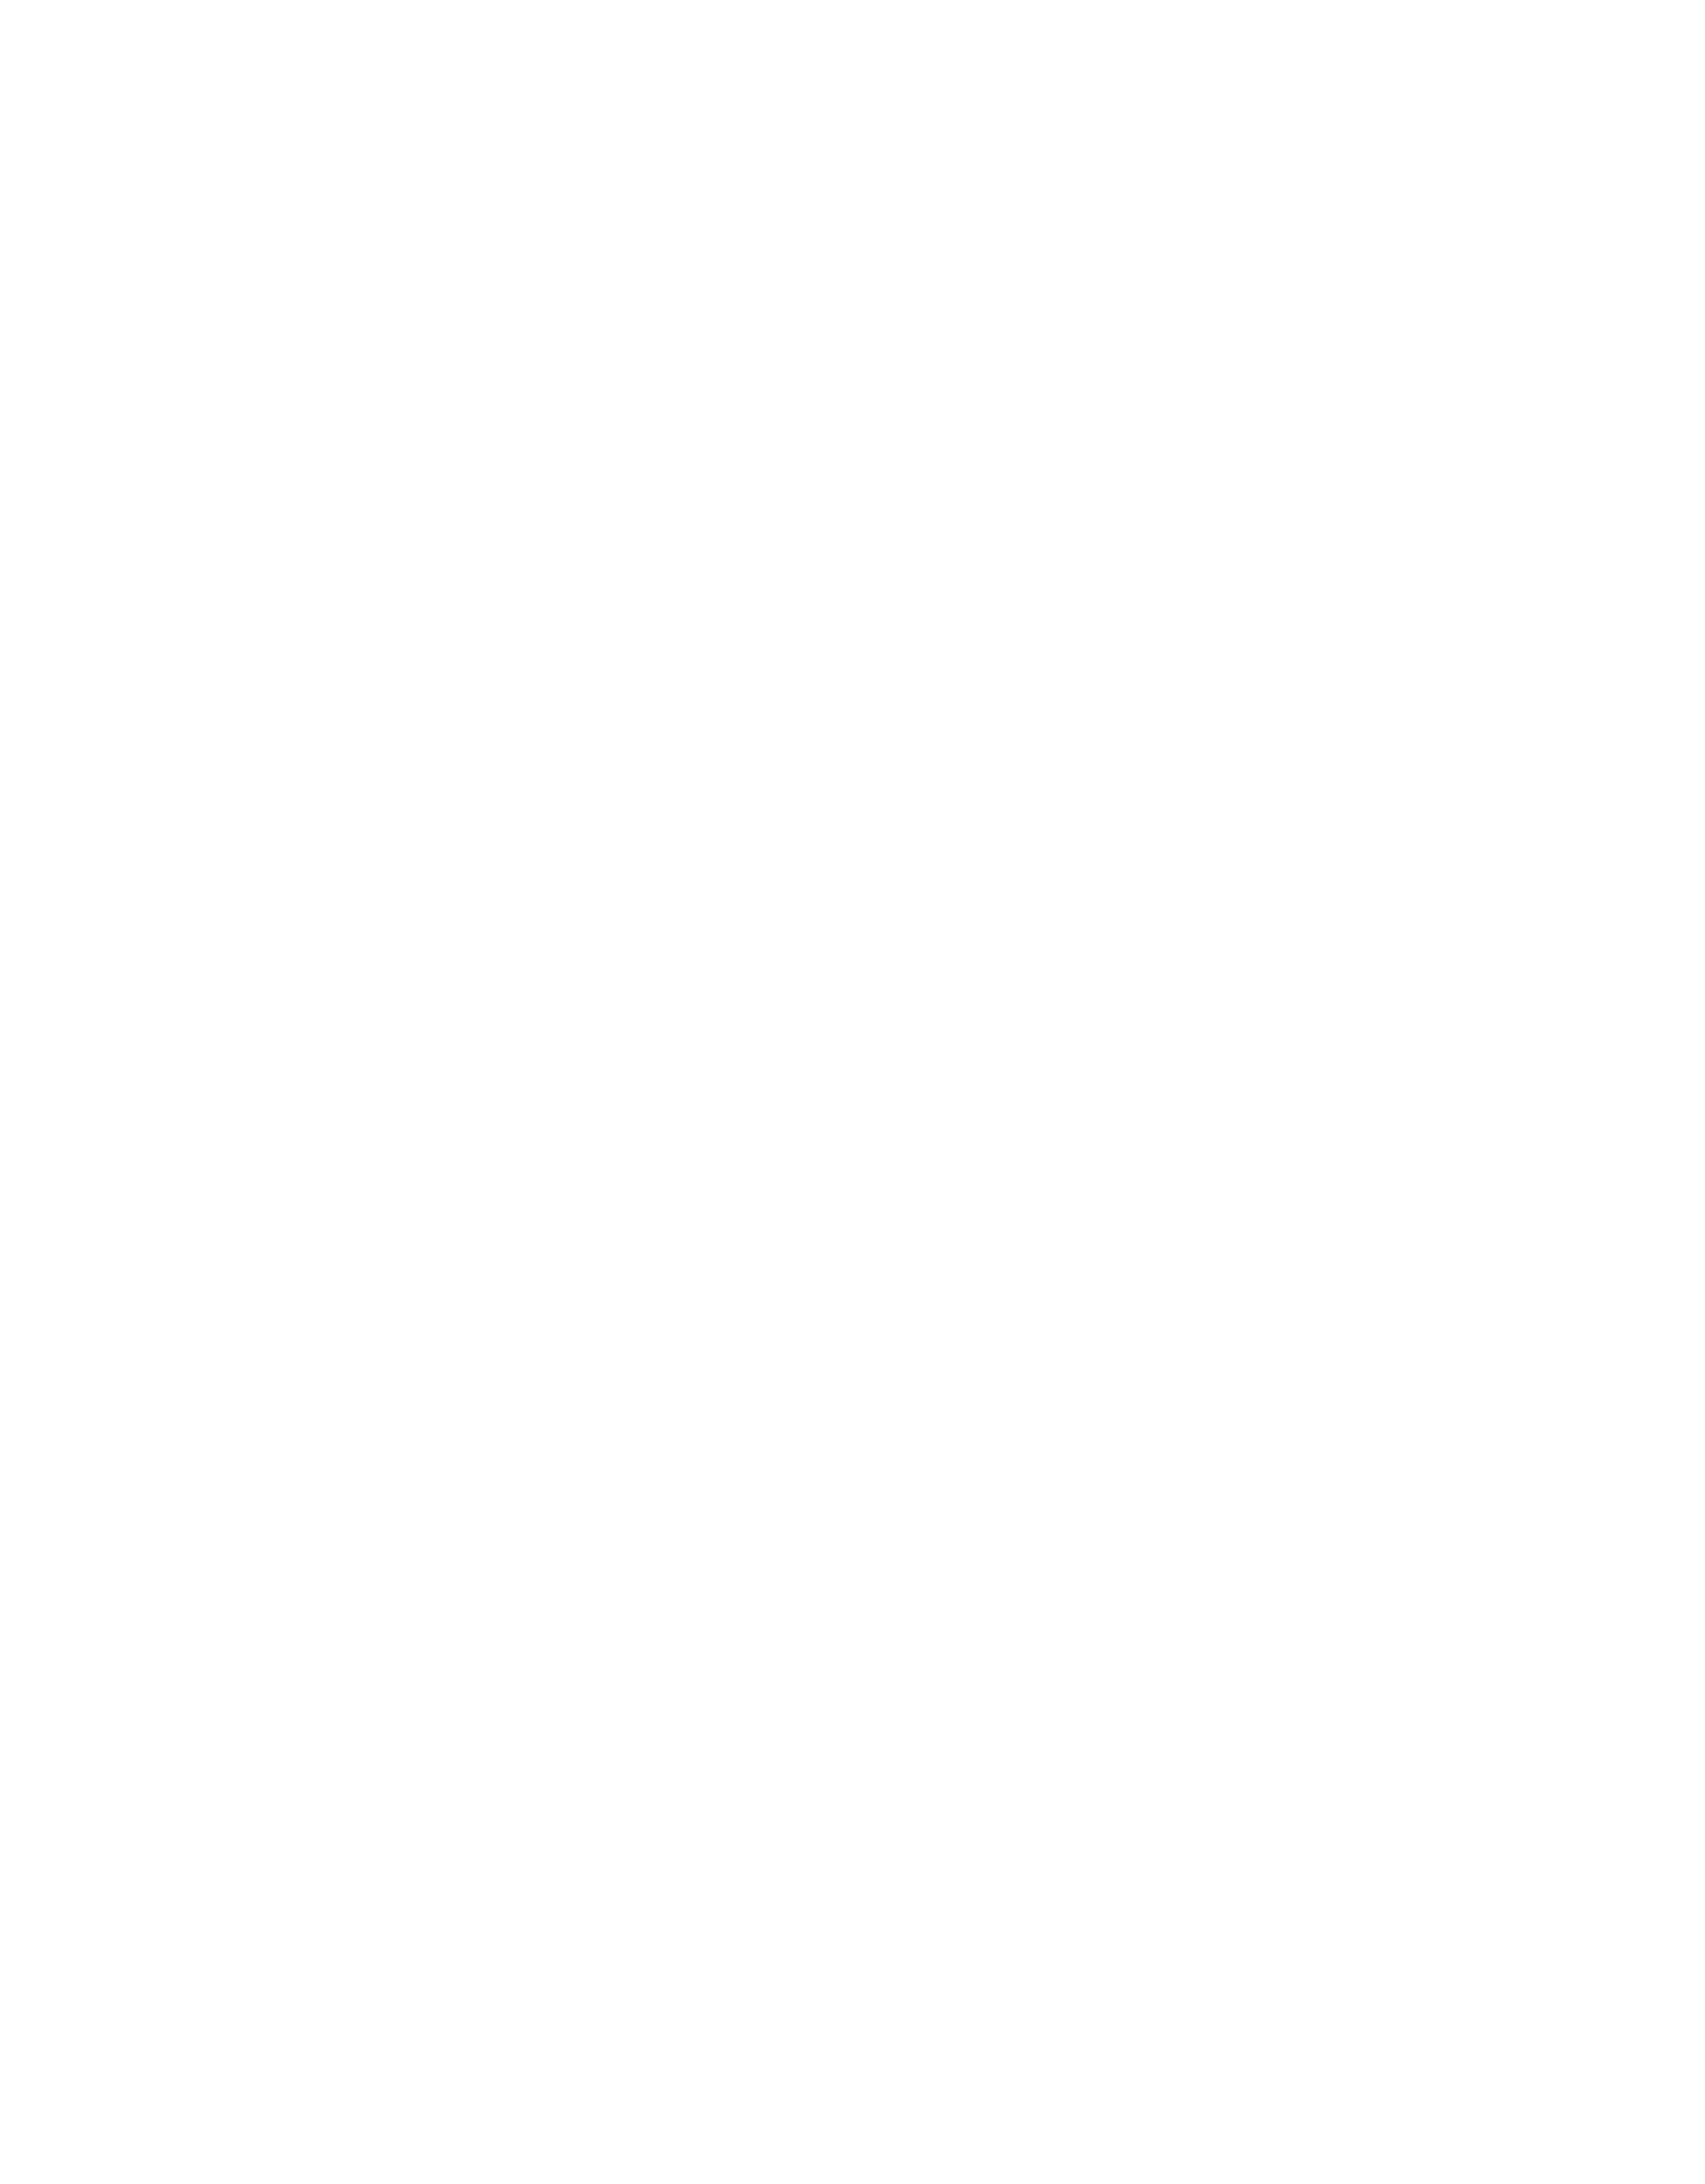 towerlogo